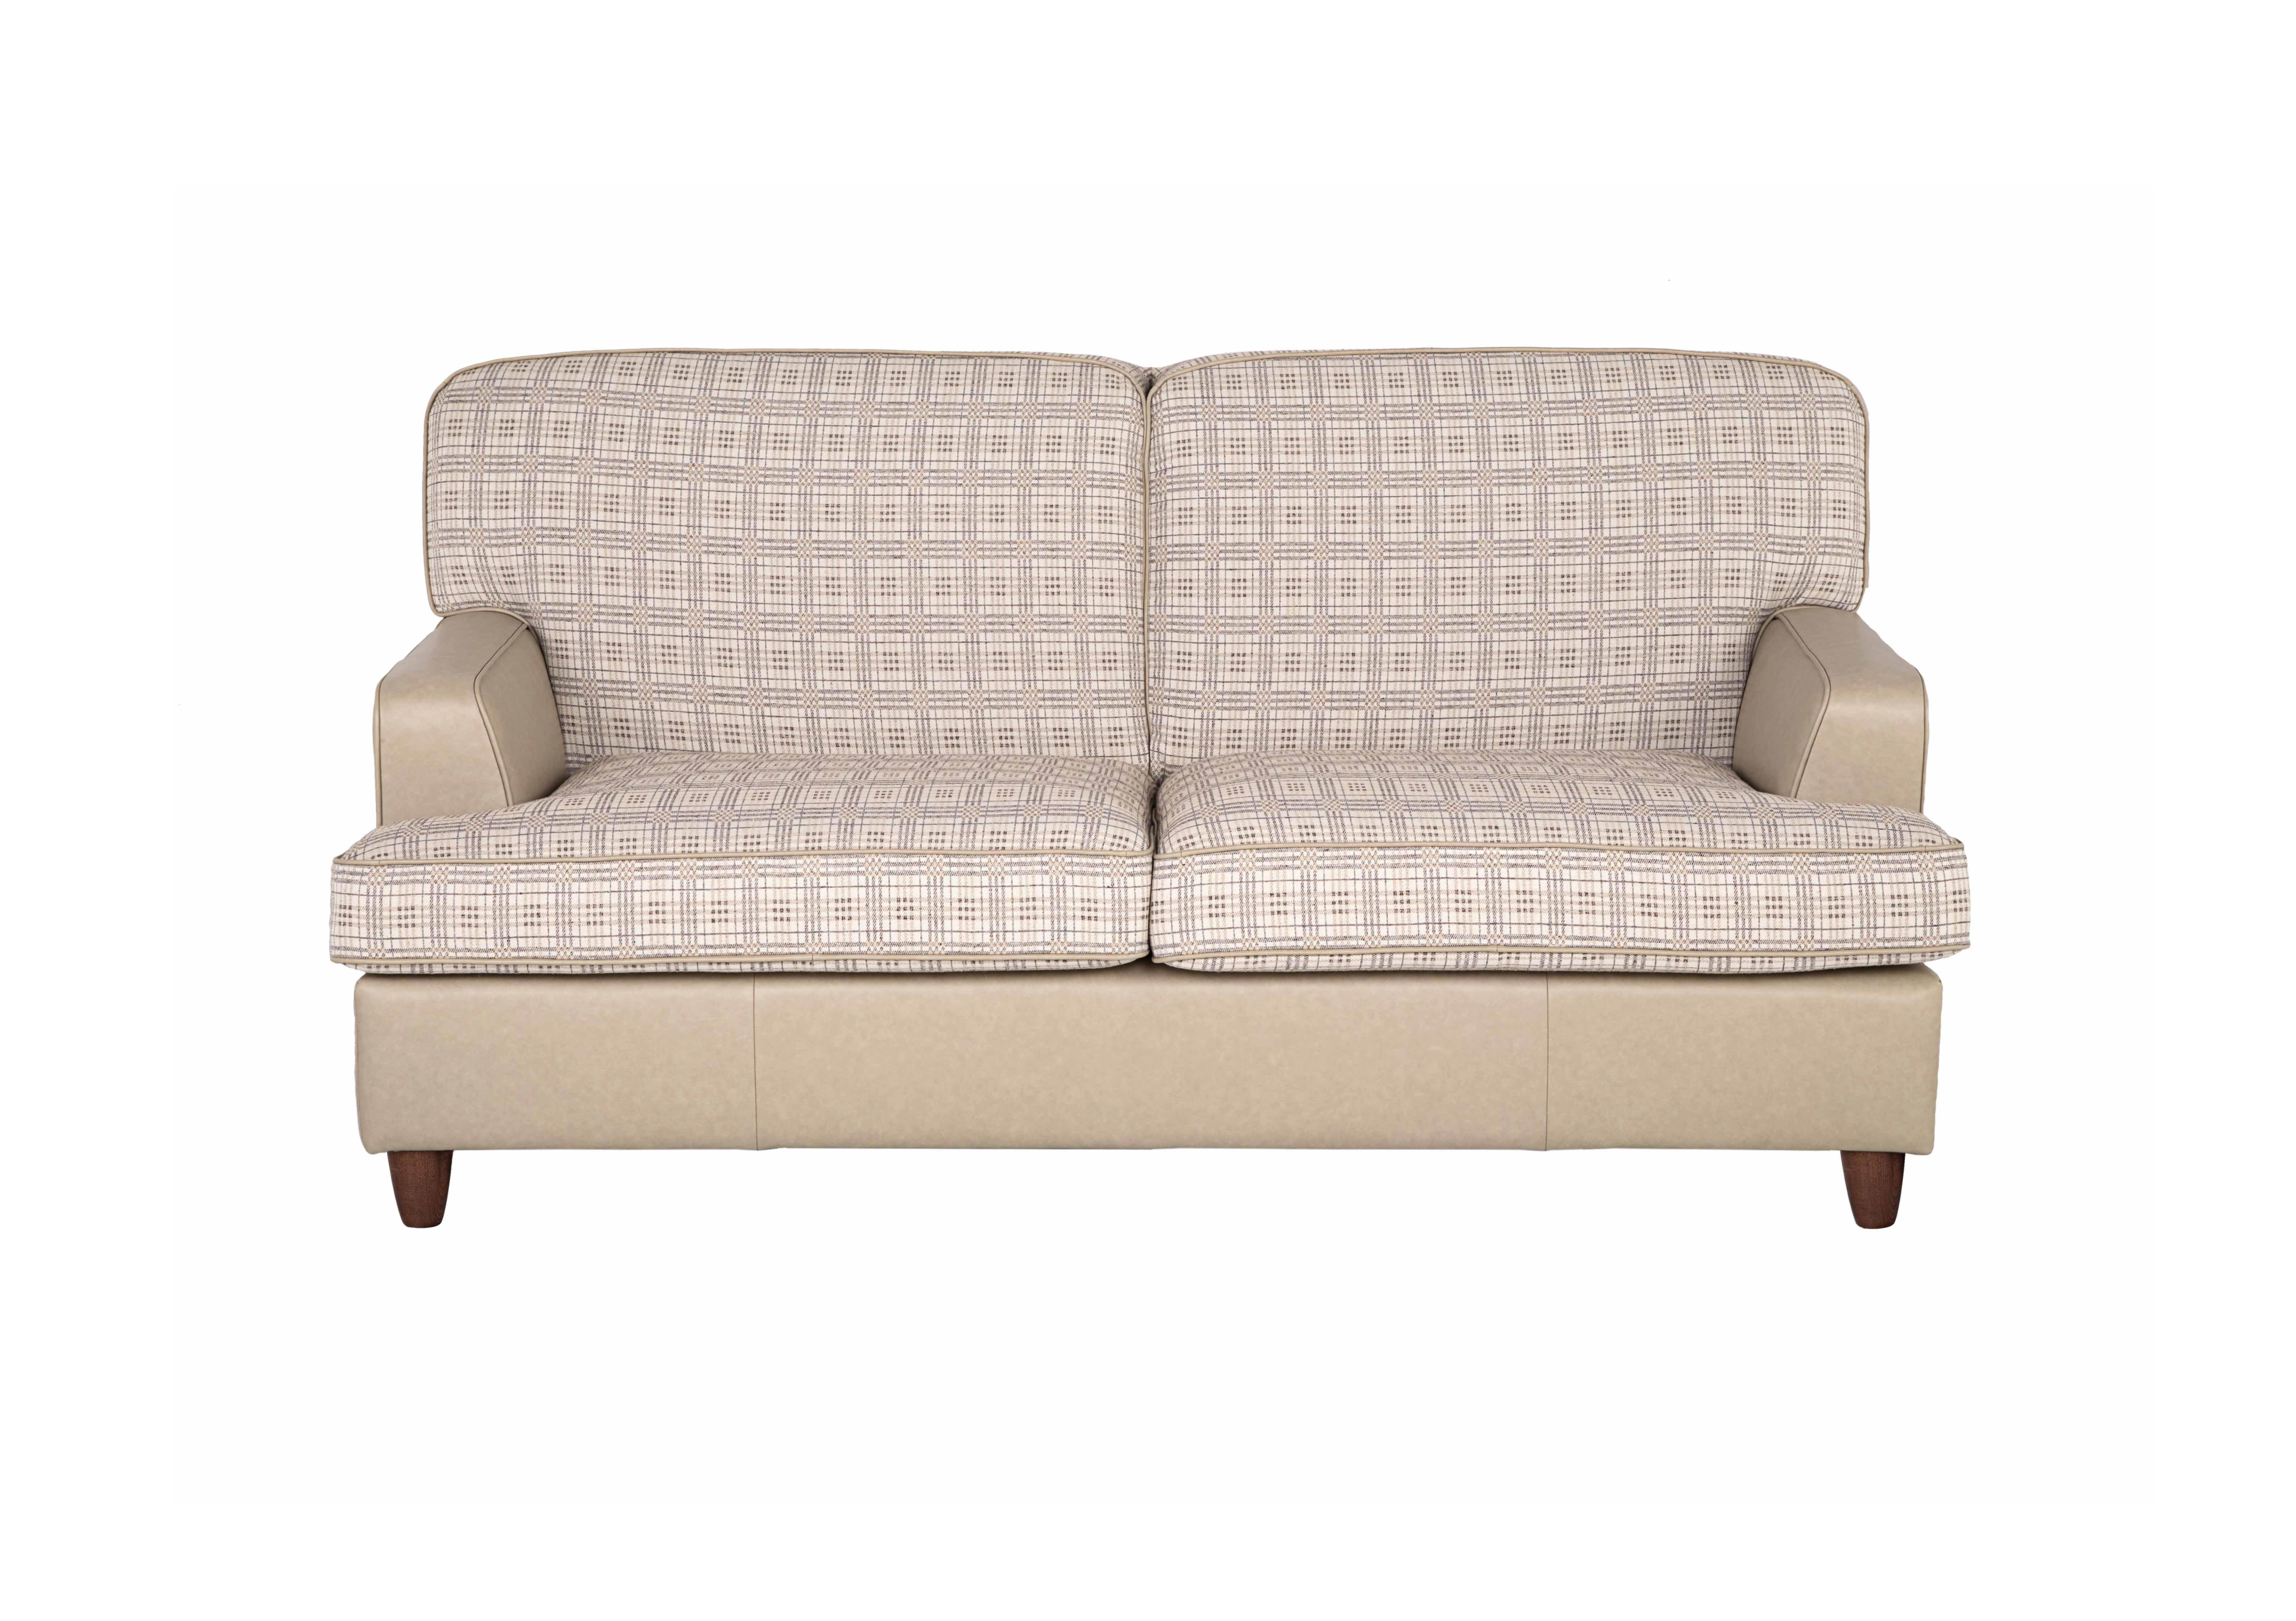 Диван-кровать ЖаклинПрямые раскладные диваны<br>Простота, лаконичность и изящество гармонично объединены в форме дивана. «Жаклин» примет каждого в свои теплые объятья и согреет заботой и пониманием. Дизайн дивана напоминает гладкие горные плато, покрытые ровным зеркалом воды, в котором отражаются рассветные лучи солнца.&amp;amp;nbsp;&amp;lt;div&amp;gt;&amp;lt;br&amp;gt;&amp;lt;/div&amp;gt;&amp;lt;div&amp;gt;Механизм трансформации миксотойл.&amp;amp;nbsp;&amp;lt;/div&amp;gt;&amp;lt;div&amp;gt;Спальное место 182*133 см.&amp;amp;nbsp;&amp;lt;/div&amp;gt;&amp;lt;div&amp;gt;Ннатуральная кожа+ткань, ткань-Бейкер стрит чек DC 12,&amp;amp;nbsp;&amp;lt;/div&amp;gt;&amp;lt;div&amp;gt;Кожа-antico polbos&amp;lt;/div&amp;gt;<br><br>Material: Кожа<br>Ширина см: 186<br>Высота см: 94<br>Глубина см: 95